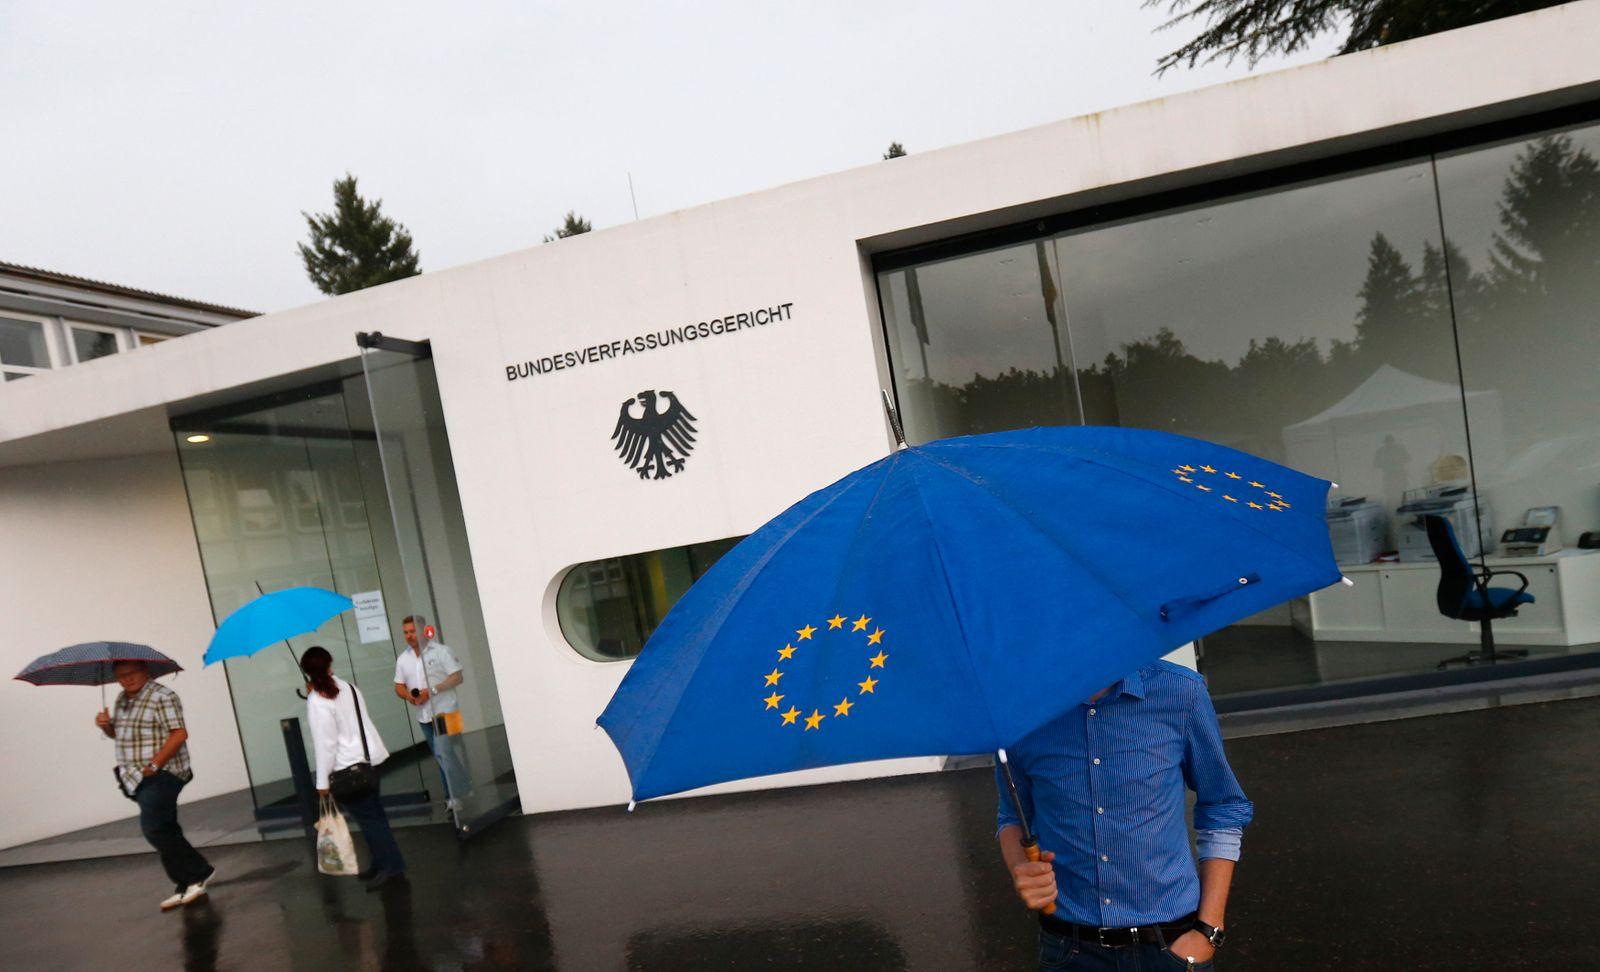 BVG / ESM / Bundesverfassungsgericht